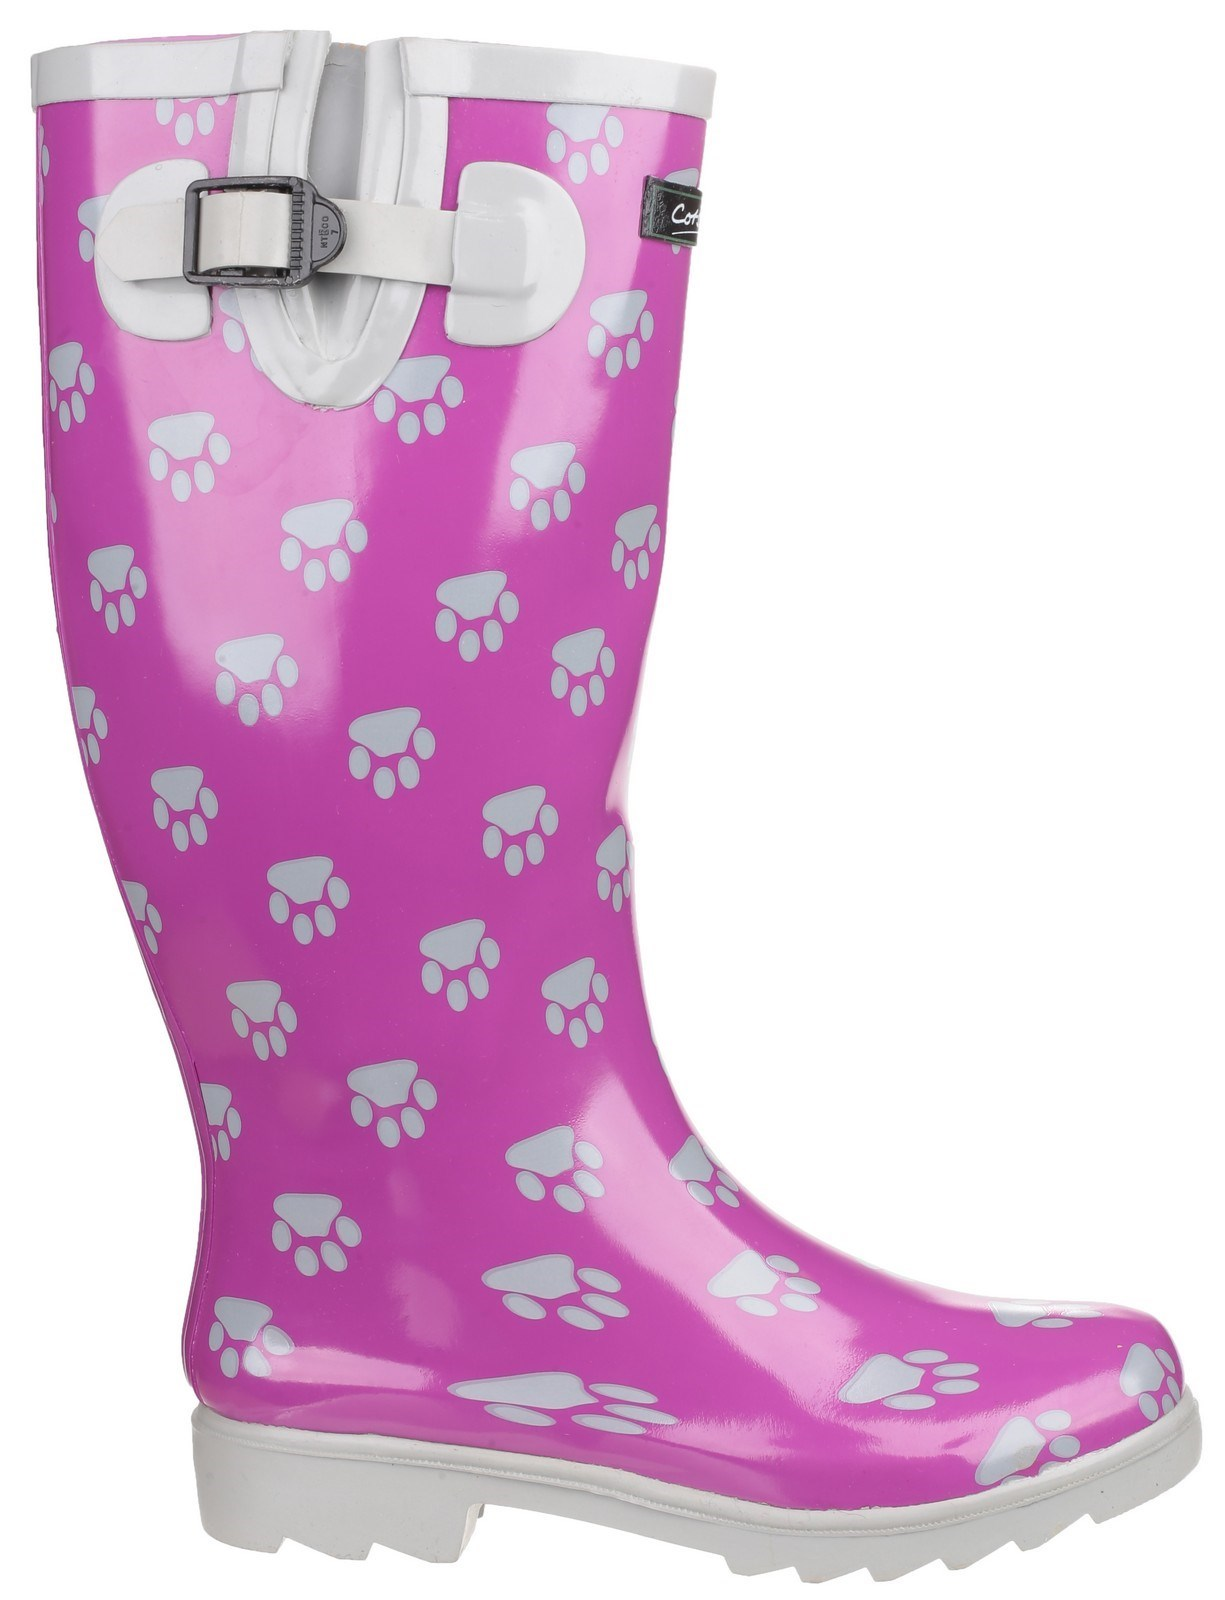 Cotswold Damen Regenstiefel Gummistiefel Wasserdicht Stiefel Hundepfoten Muster Schwarz & Weiß 38 OiD6NniPL